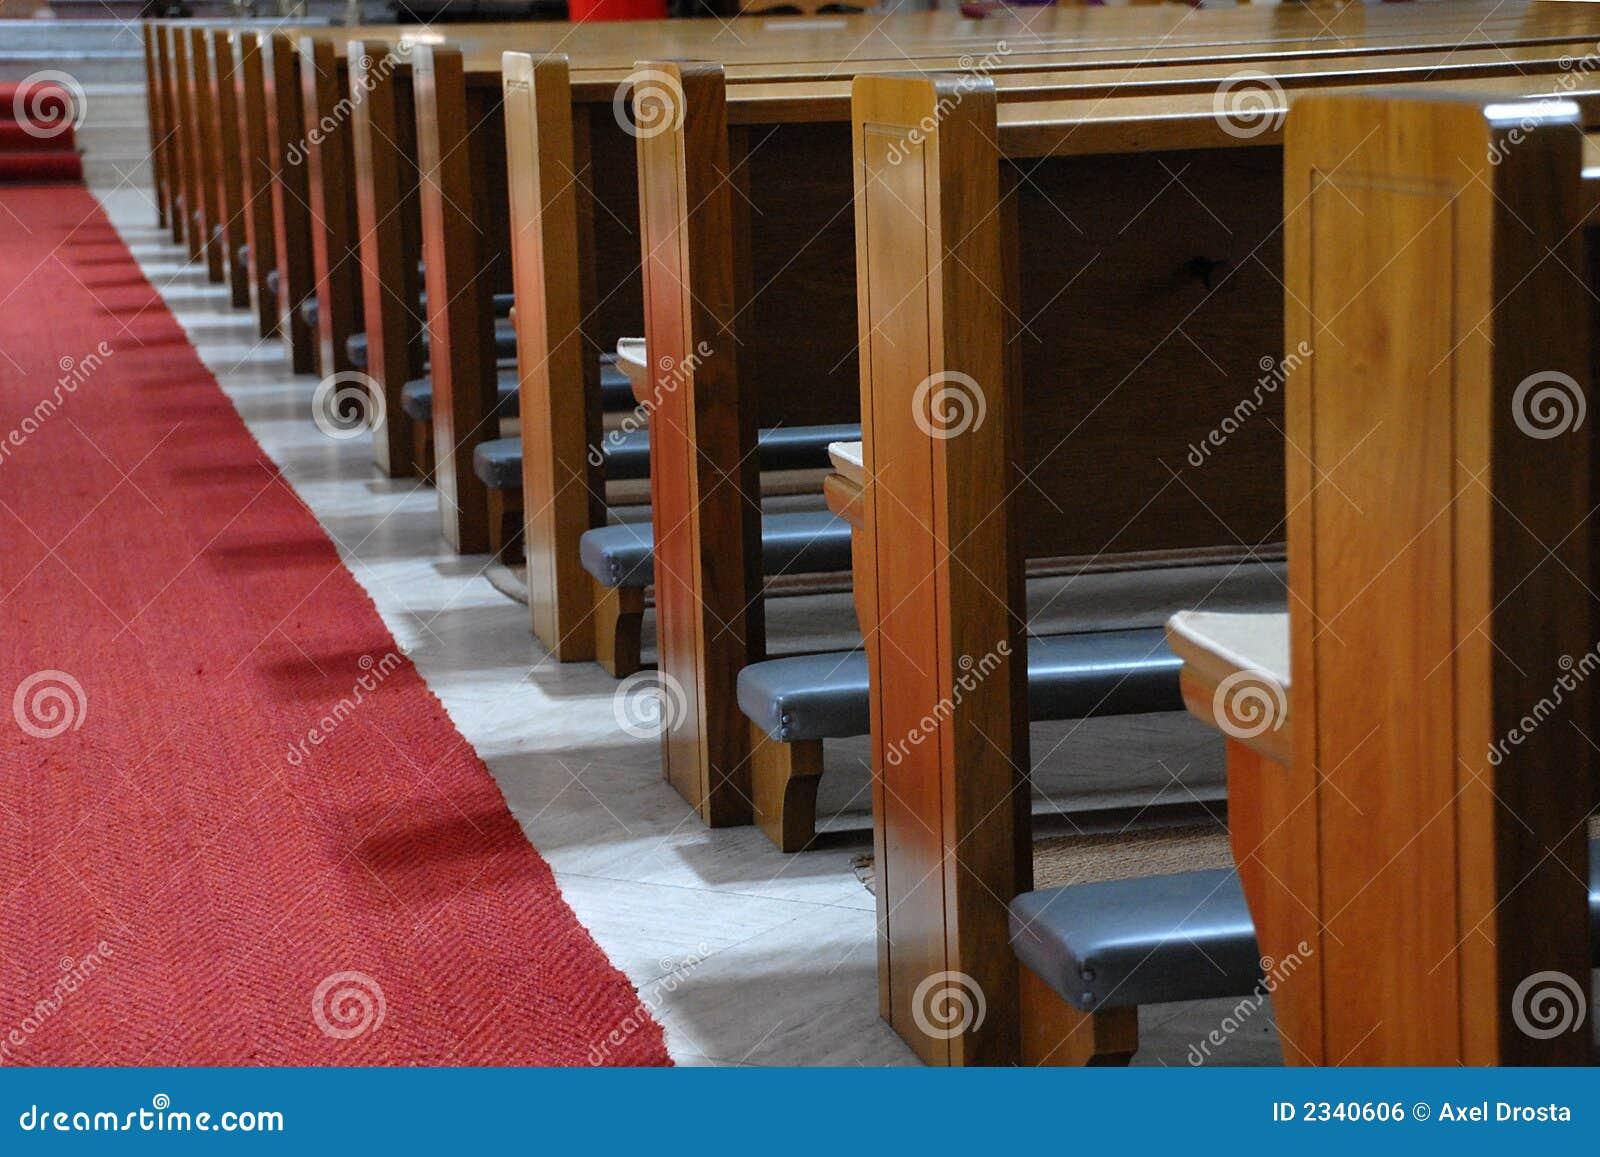 Baviera Alemanha corredor atapetado vermelho bancos de madeira #863D25 1300x957